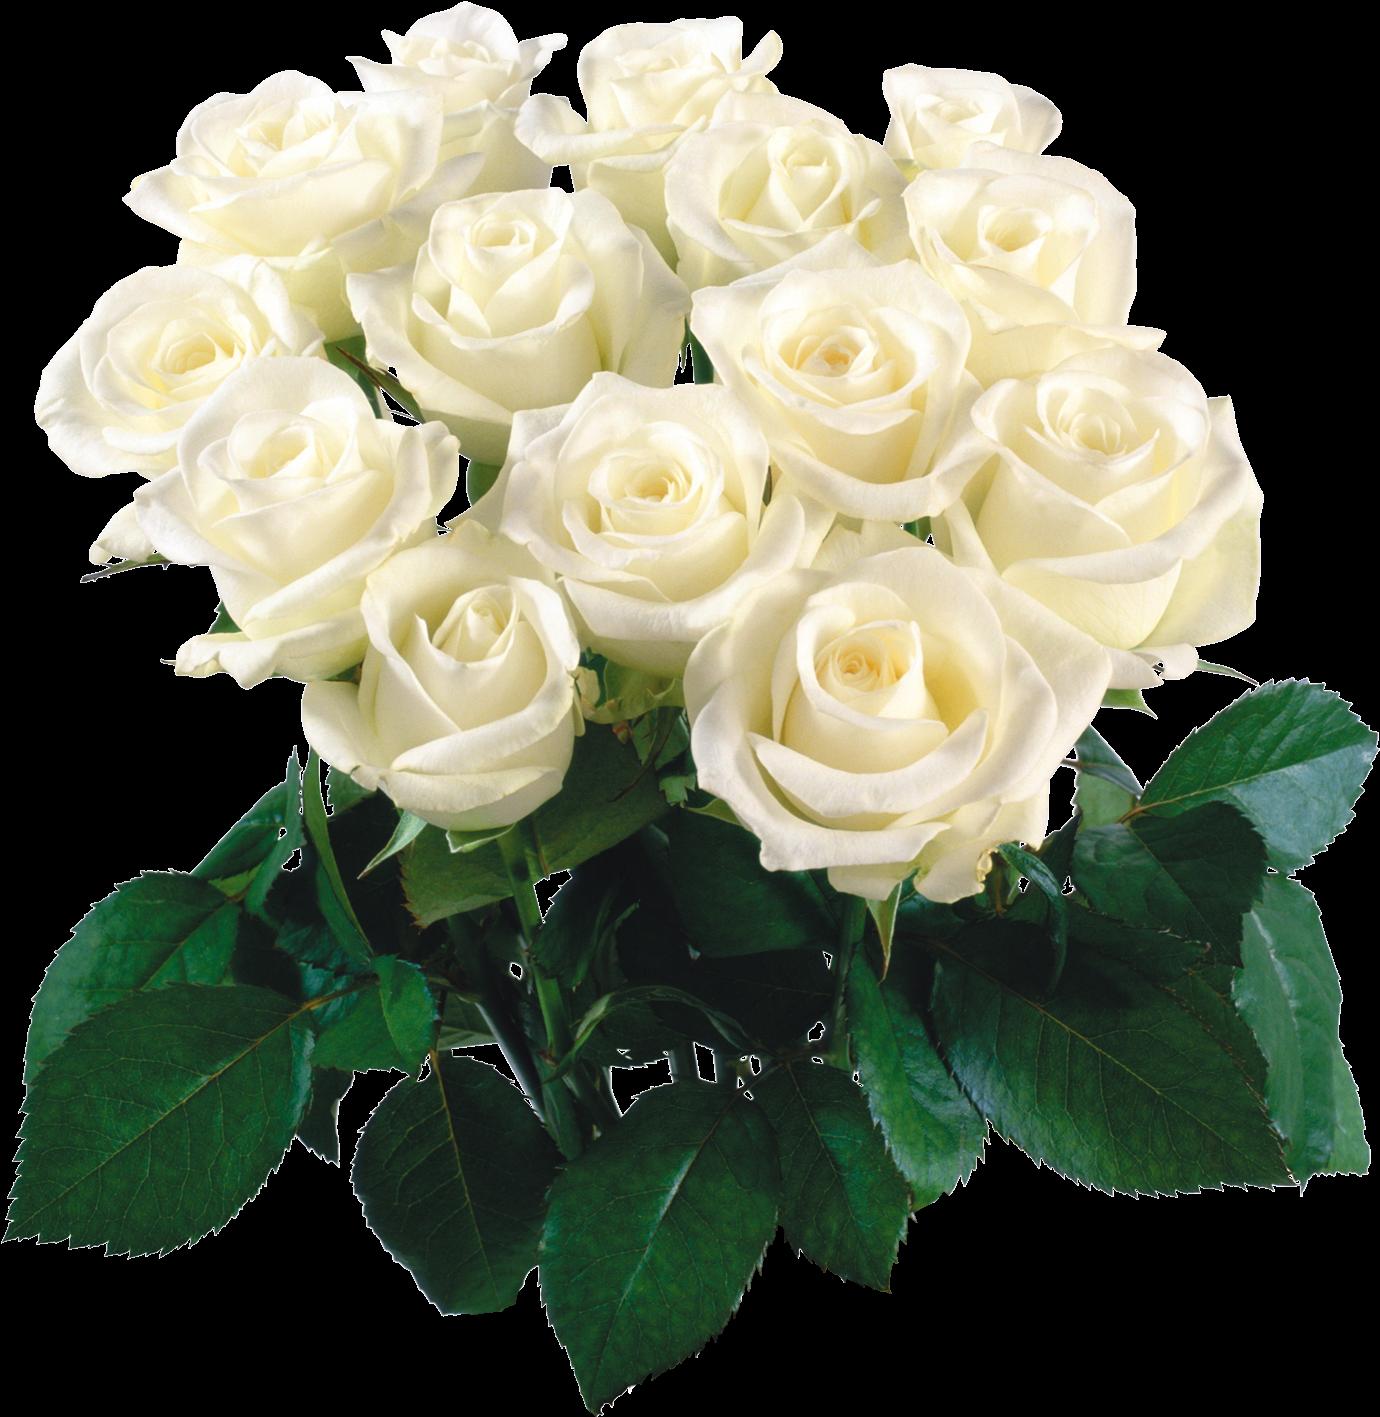 Открытка белые розы с днем рождения женщине, открытки февраля